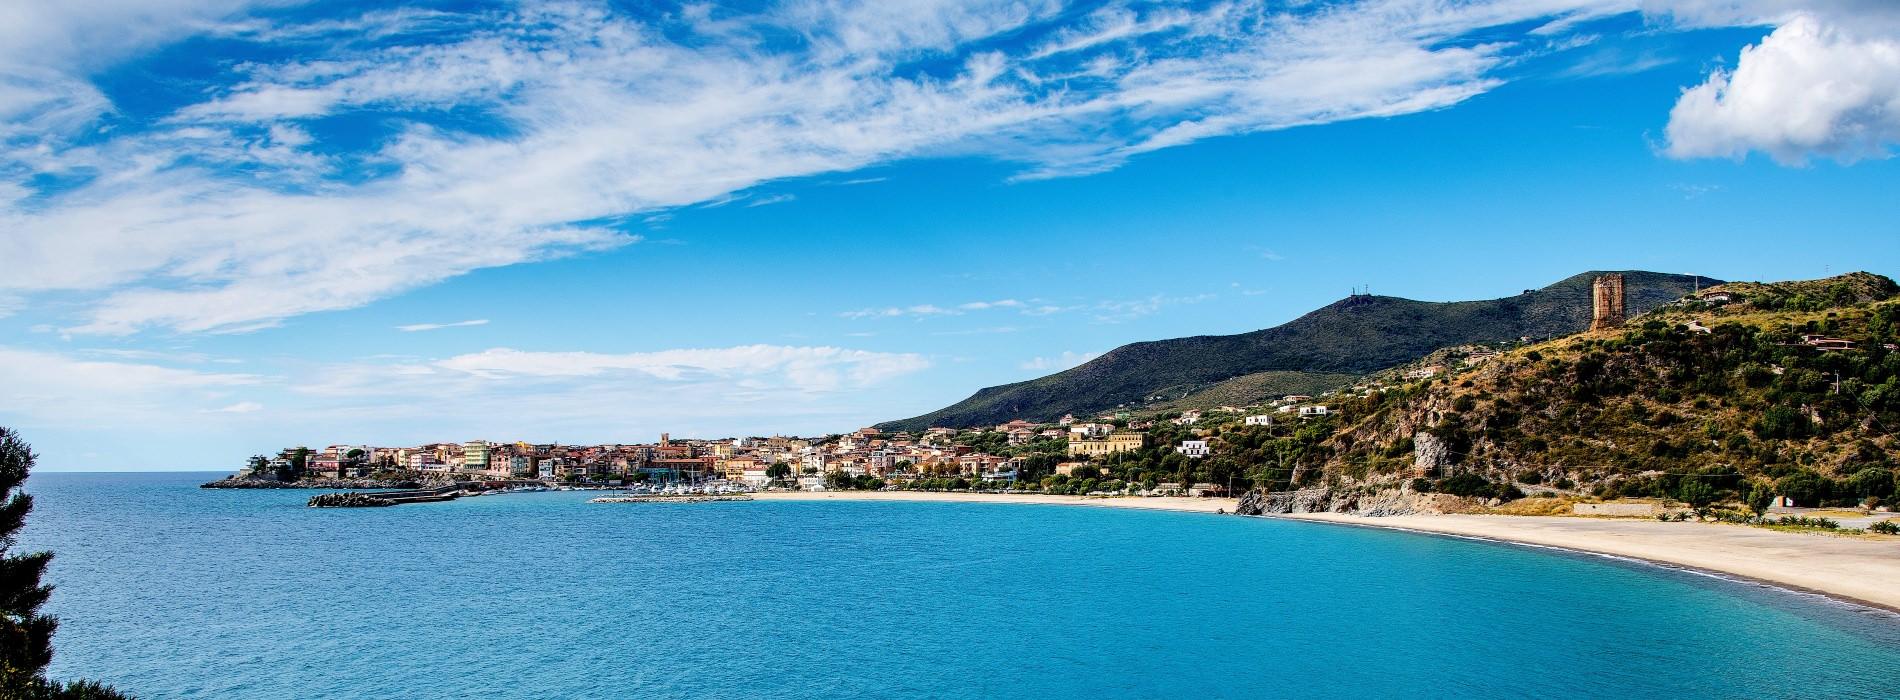 Villaggio turistico Marina di Camerota - La Fenosa Panoramica Marina di Camerota